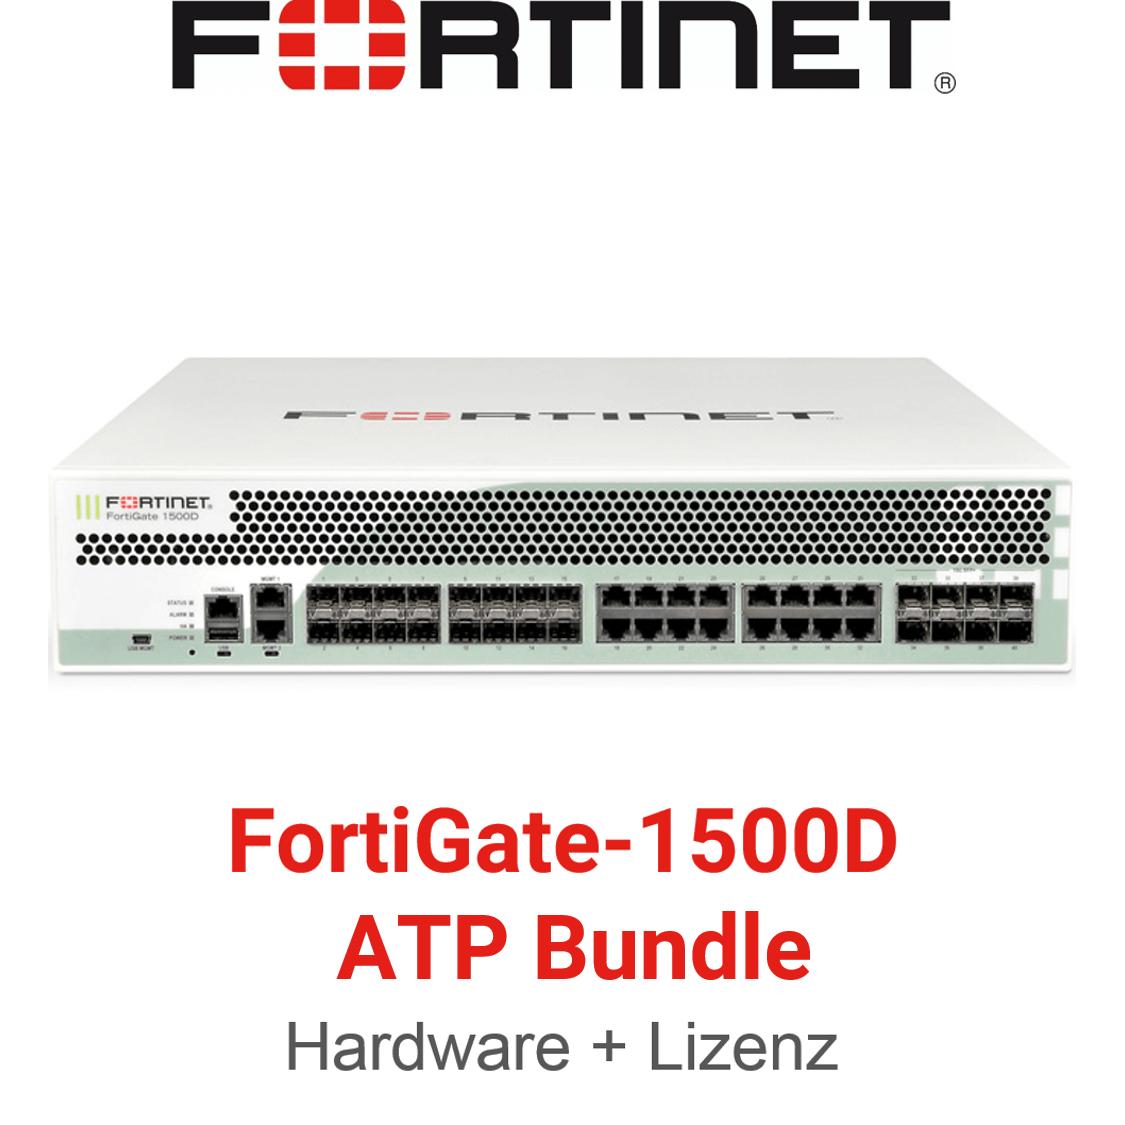 Fortinet FortiGate-1500D - ATP Bundle (Hardware + Lizenz)